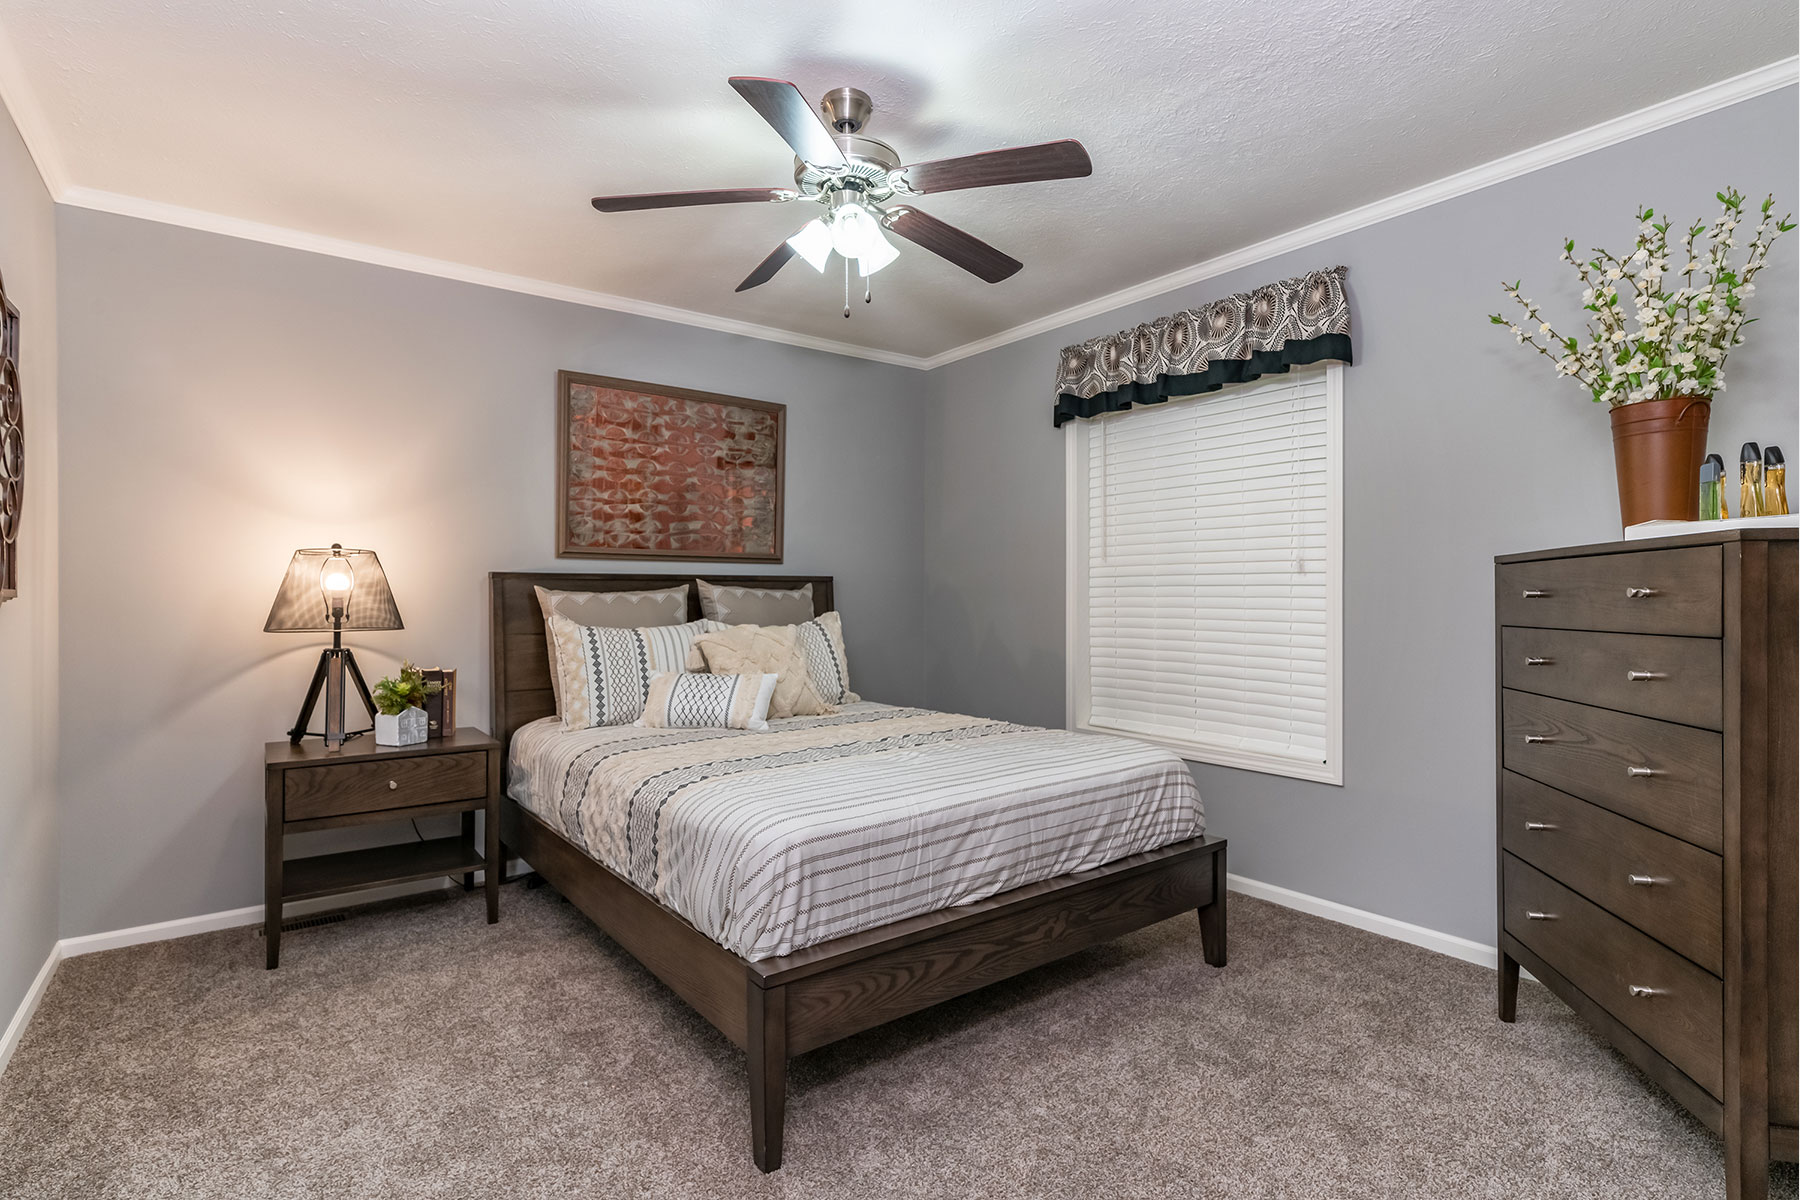 Champion Gold Star 2856-241-master-bedroom